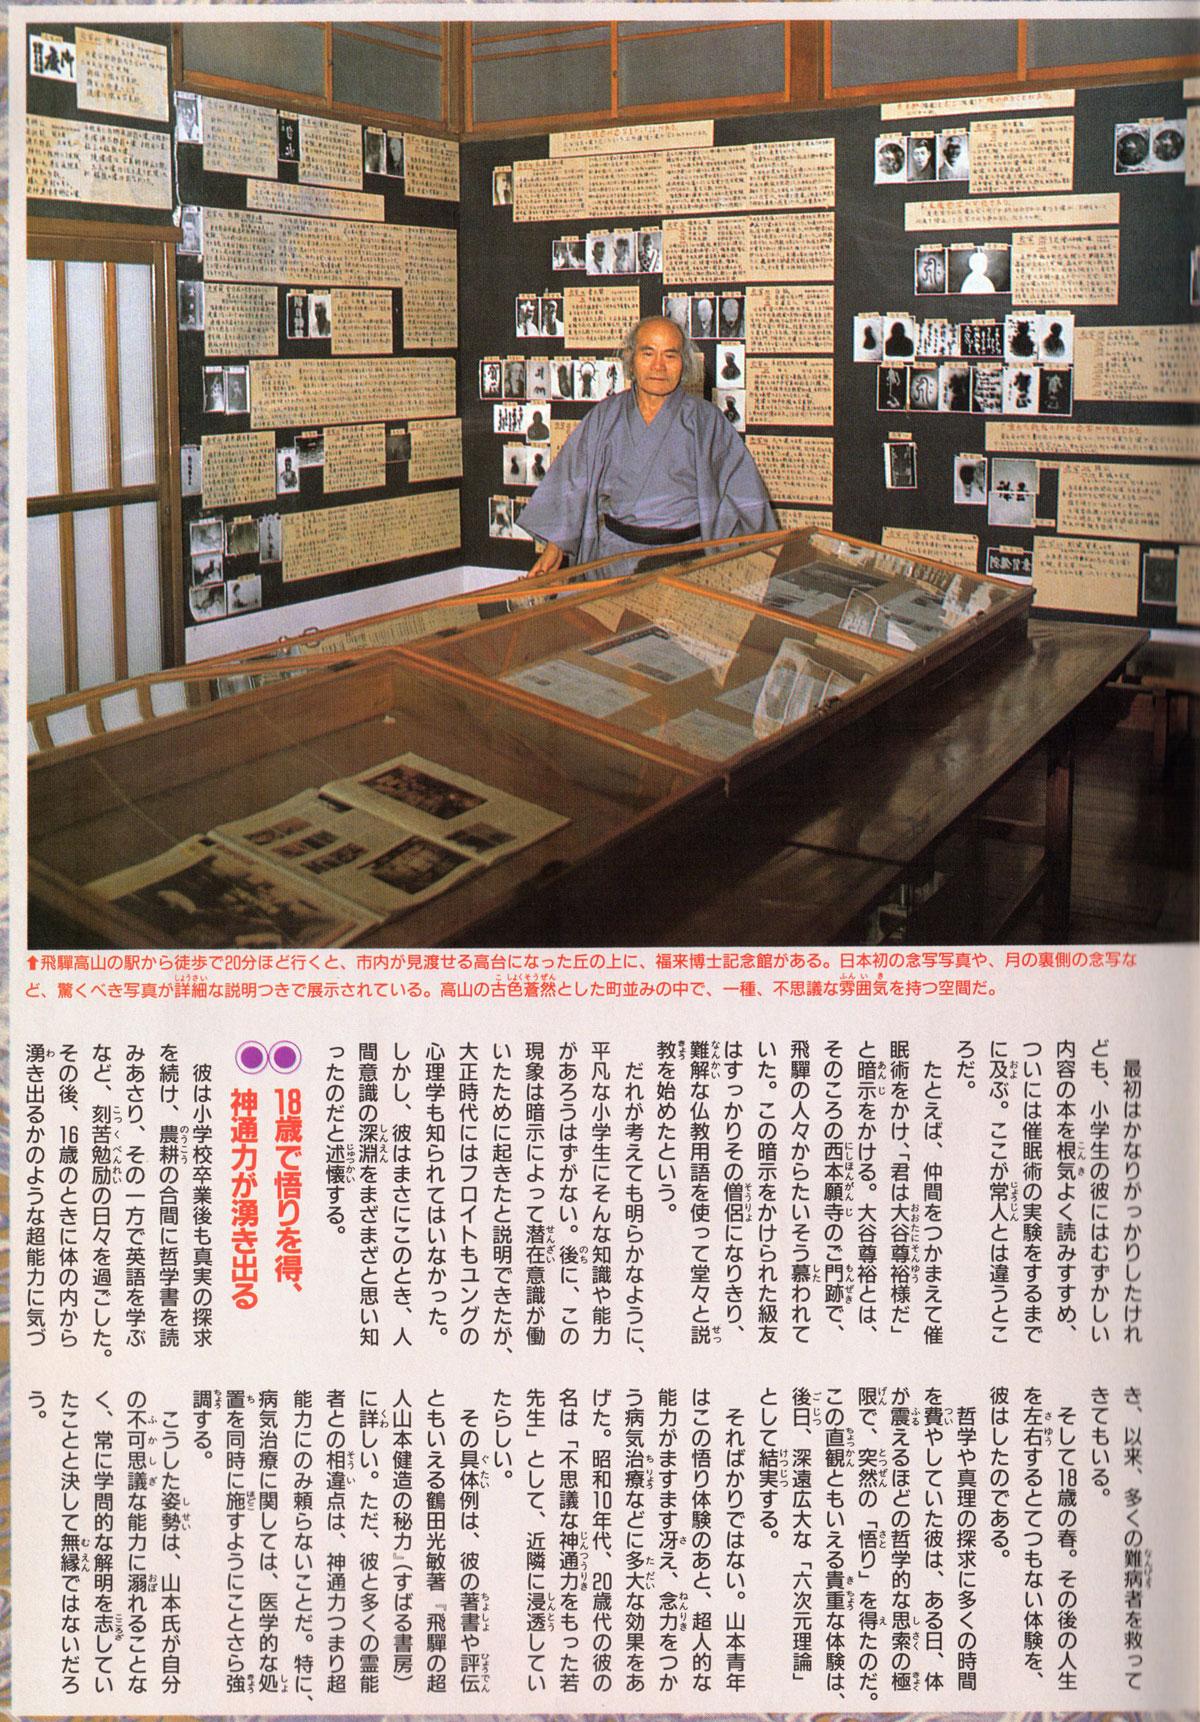 山本健造博士の透視5